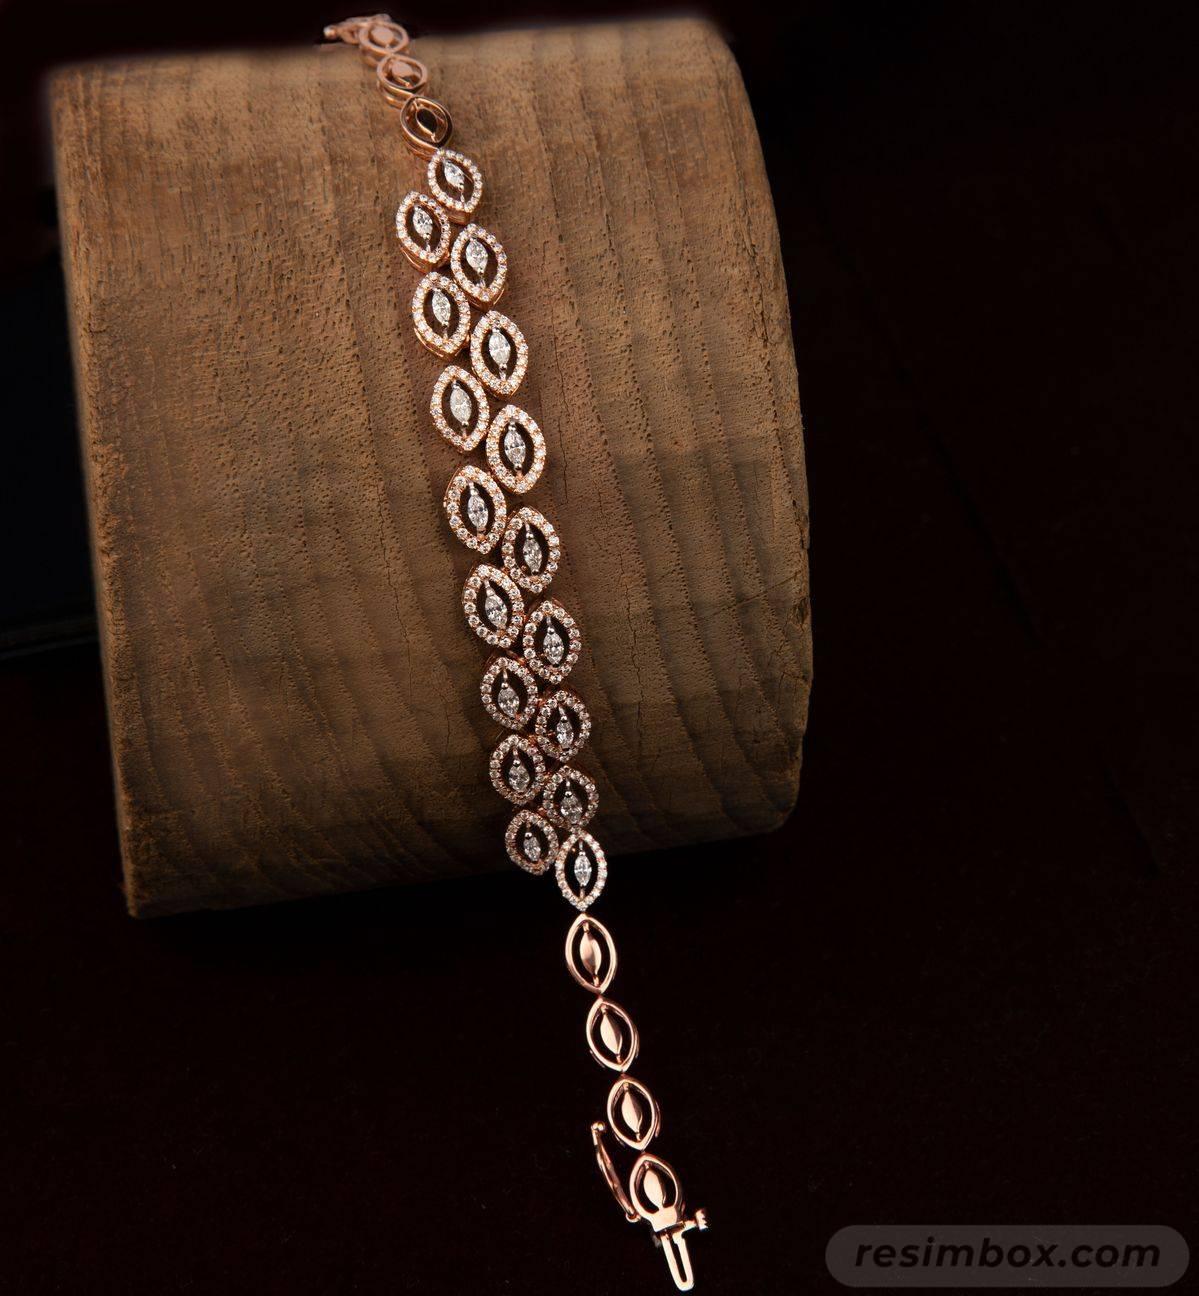 Bangle bracelets-440156563580232342